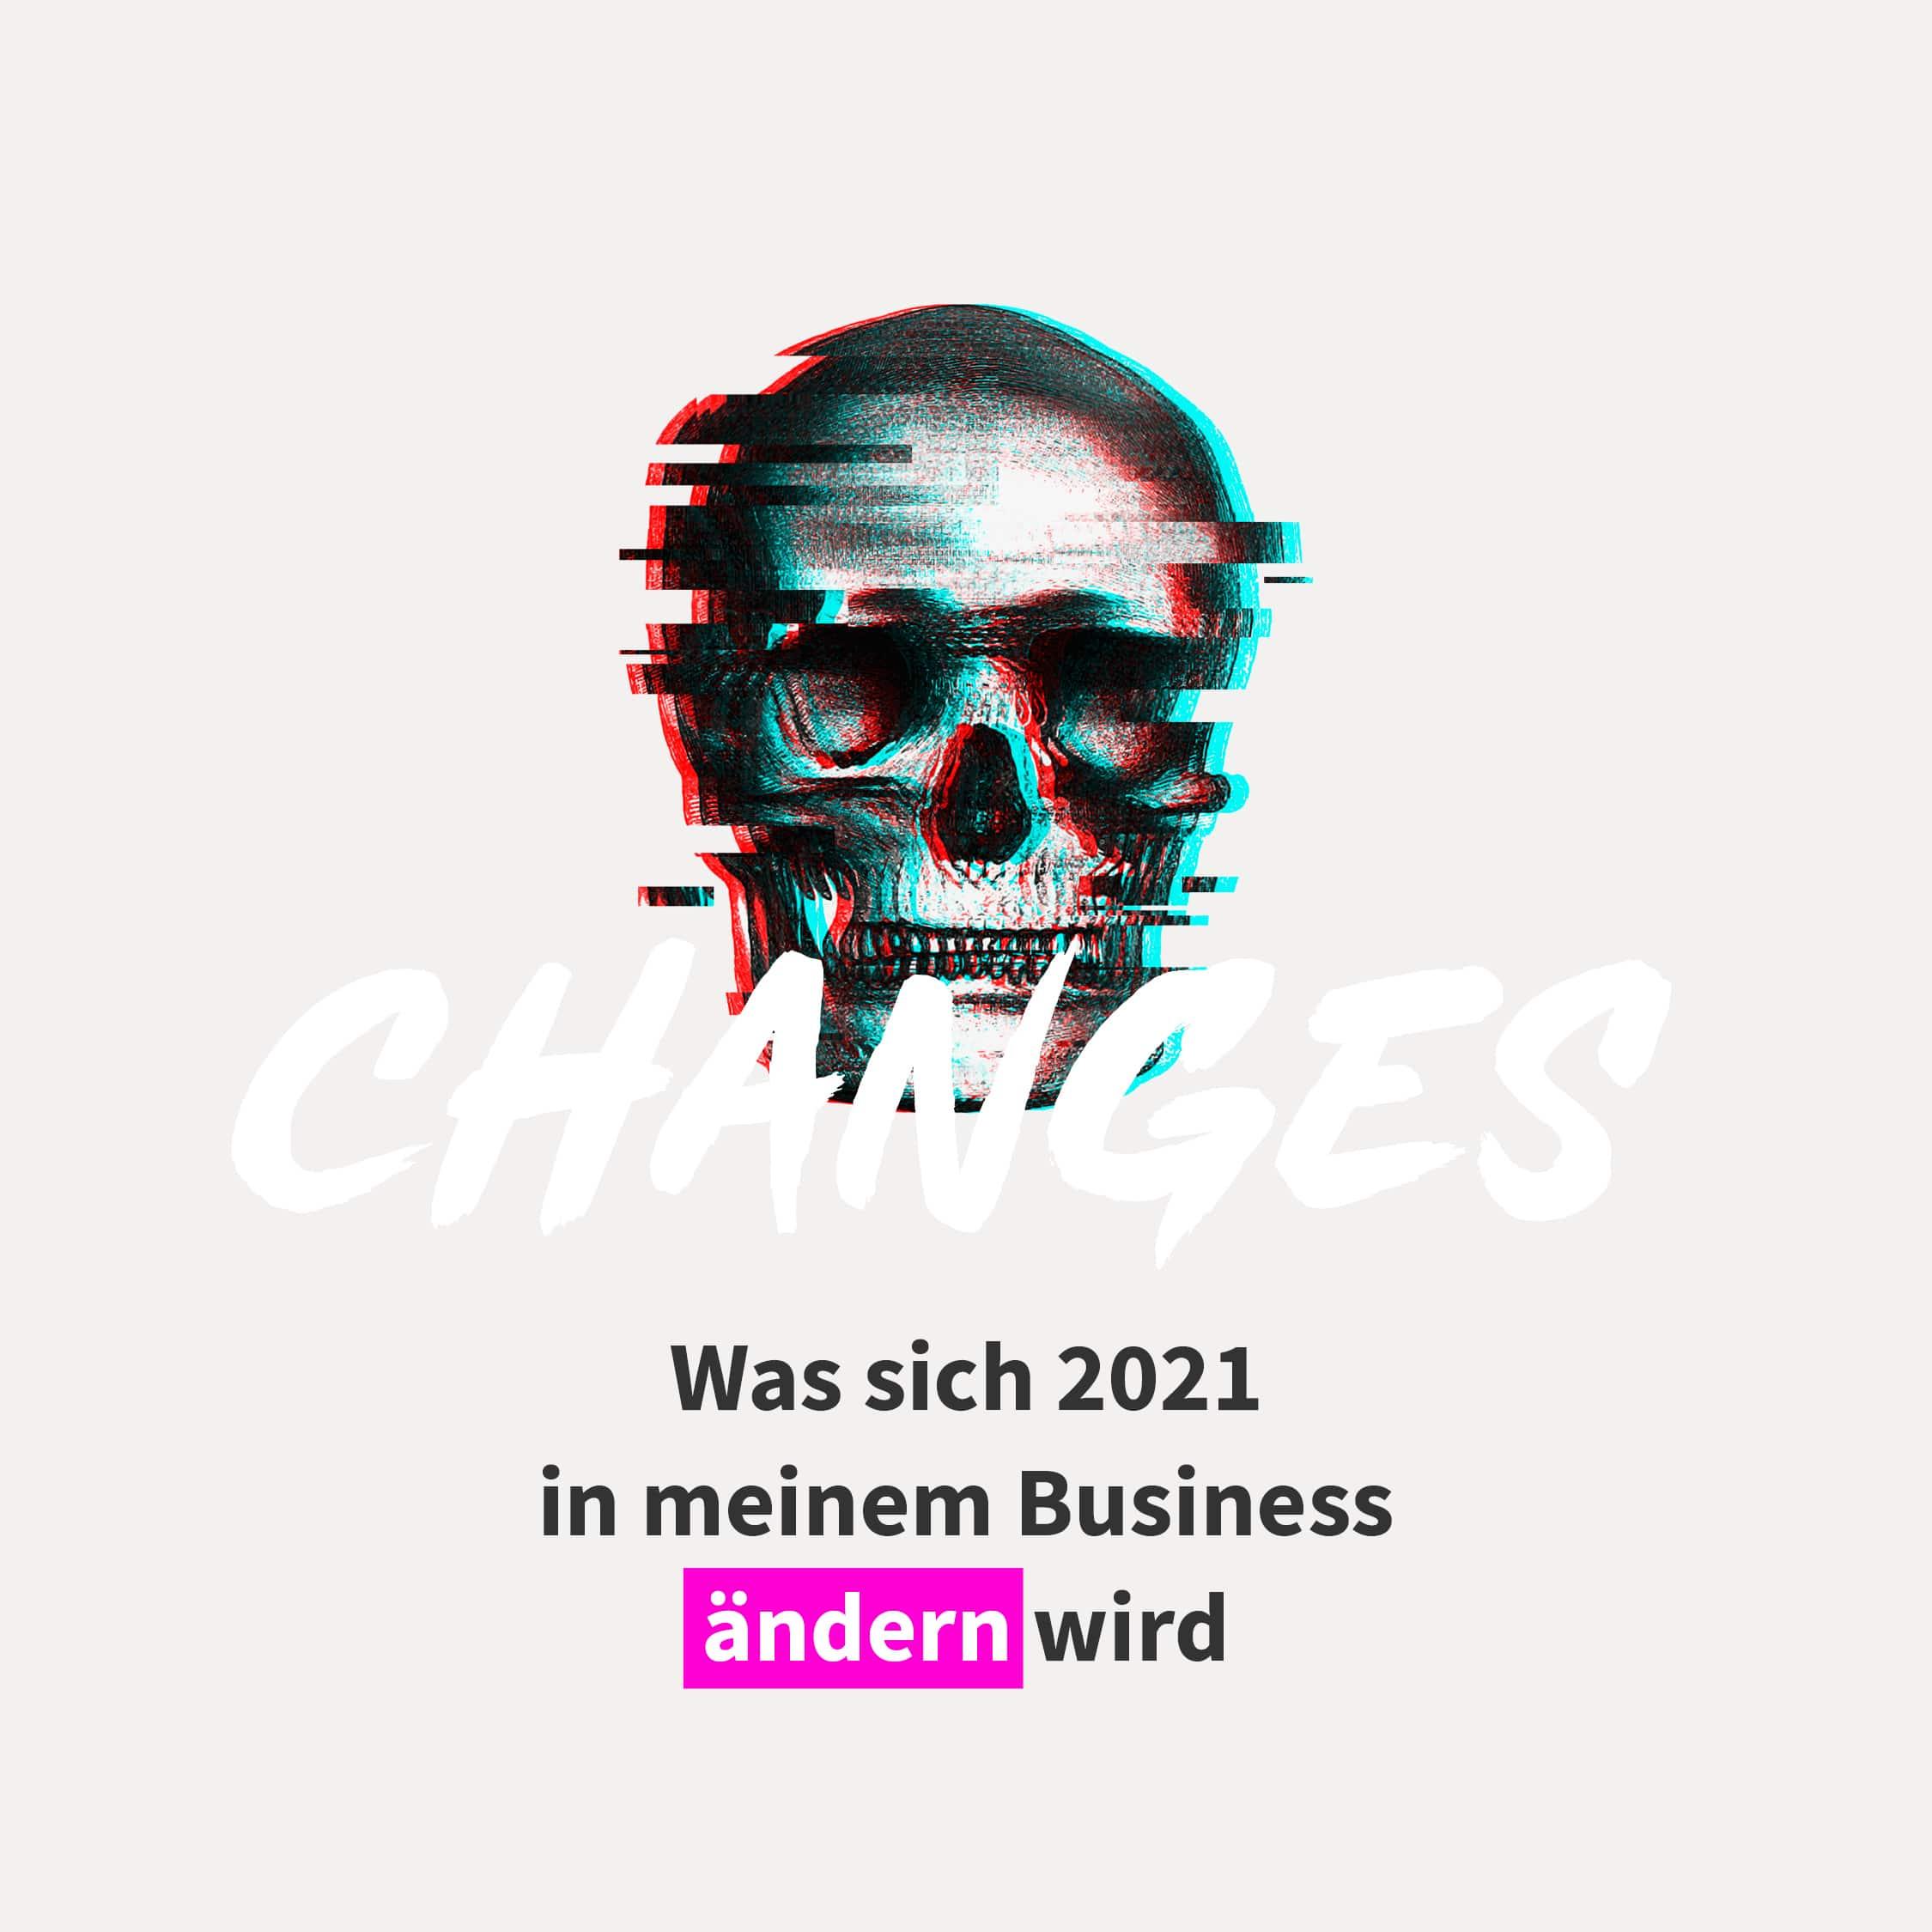 Was sich 2021 in meinem Business ändern wird